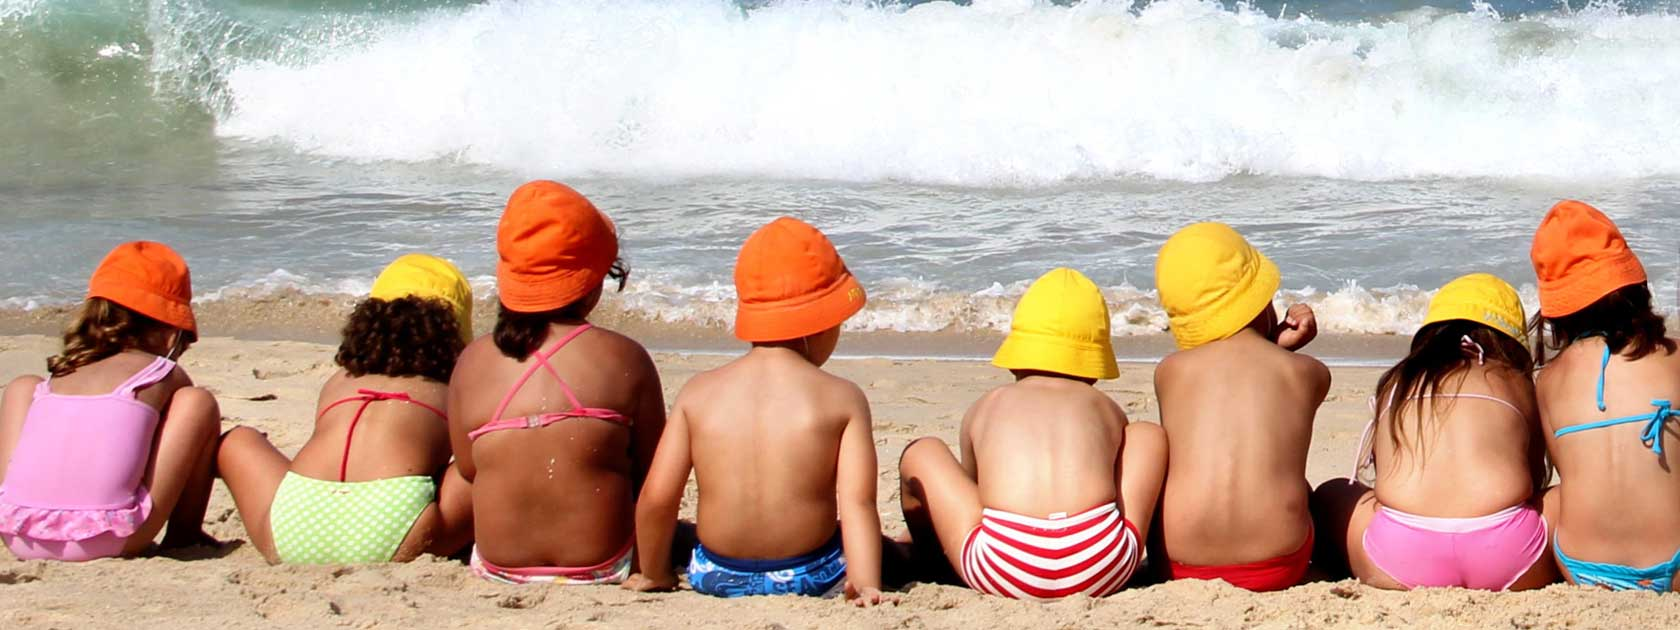 Bambini al mare? Nessun Problema! Bastano poche indicazioni